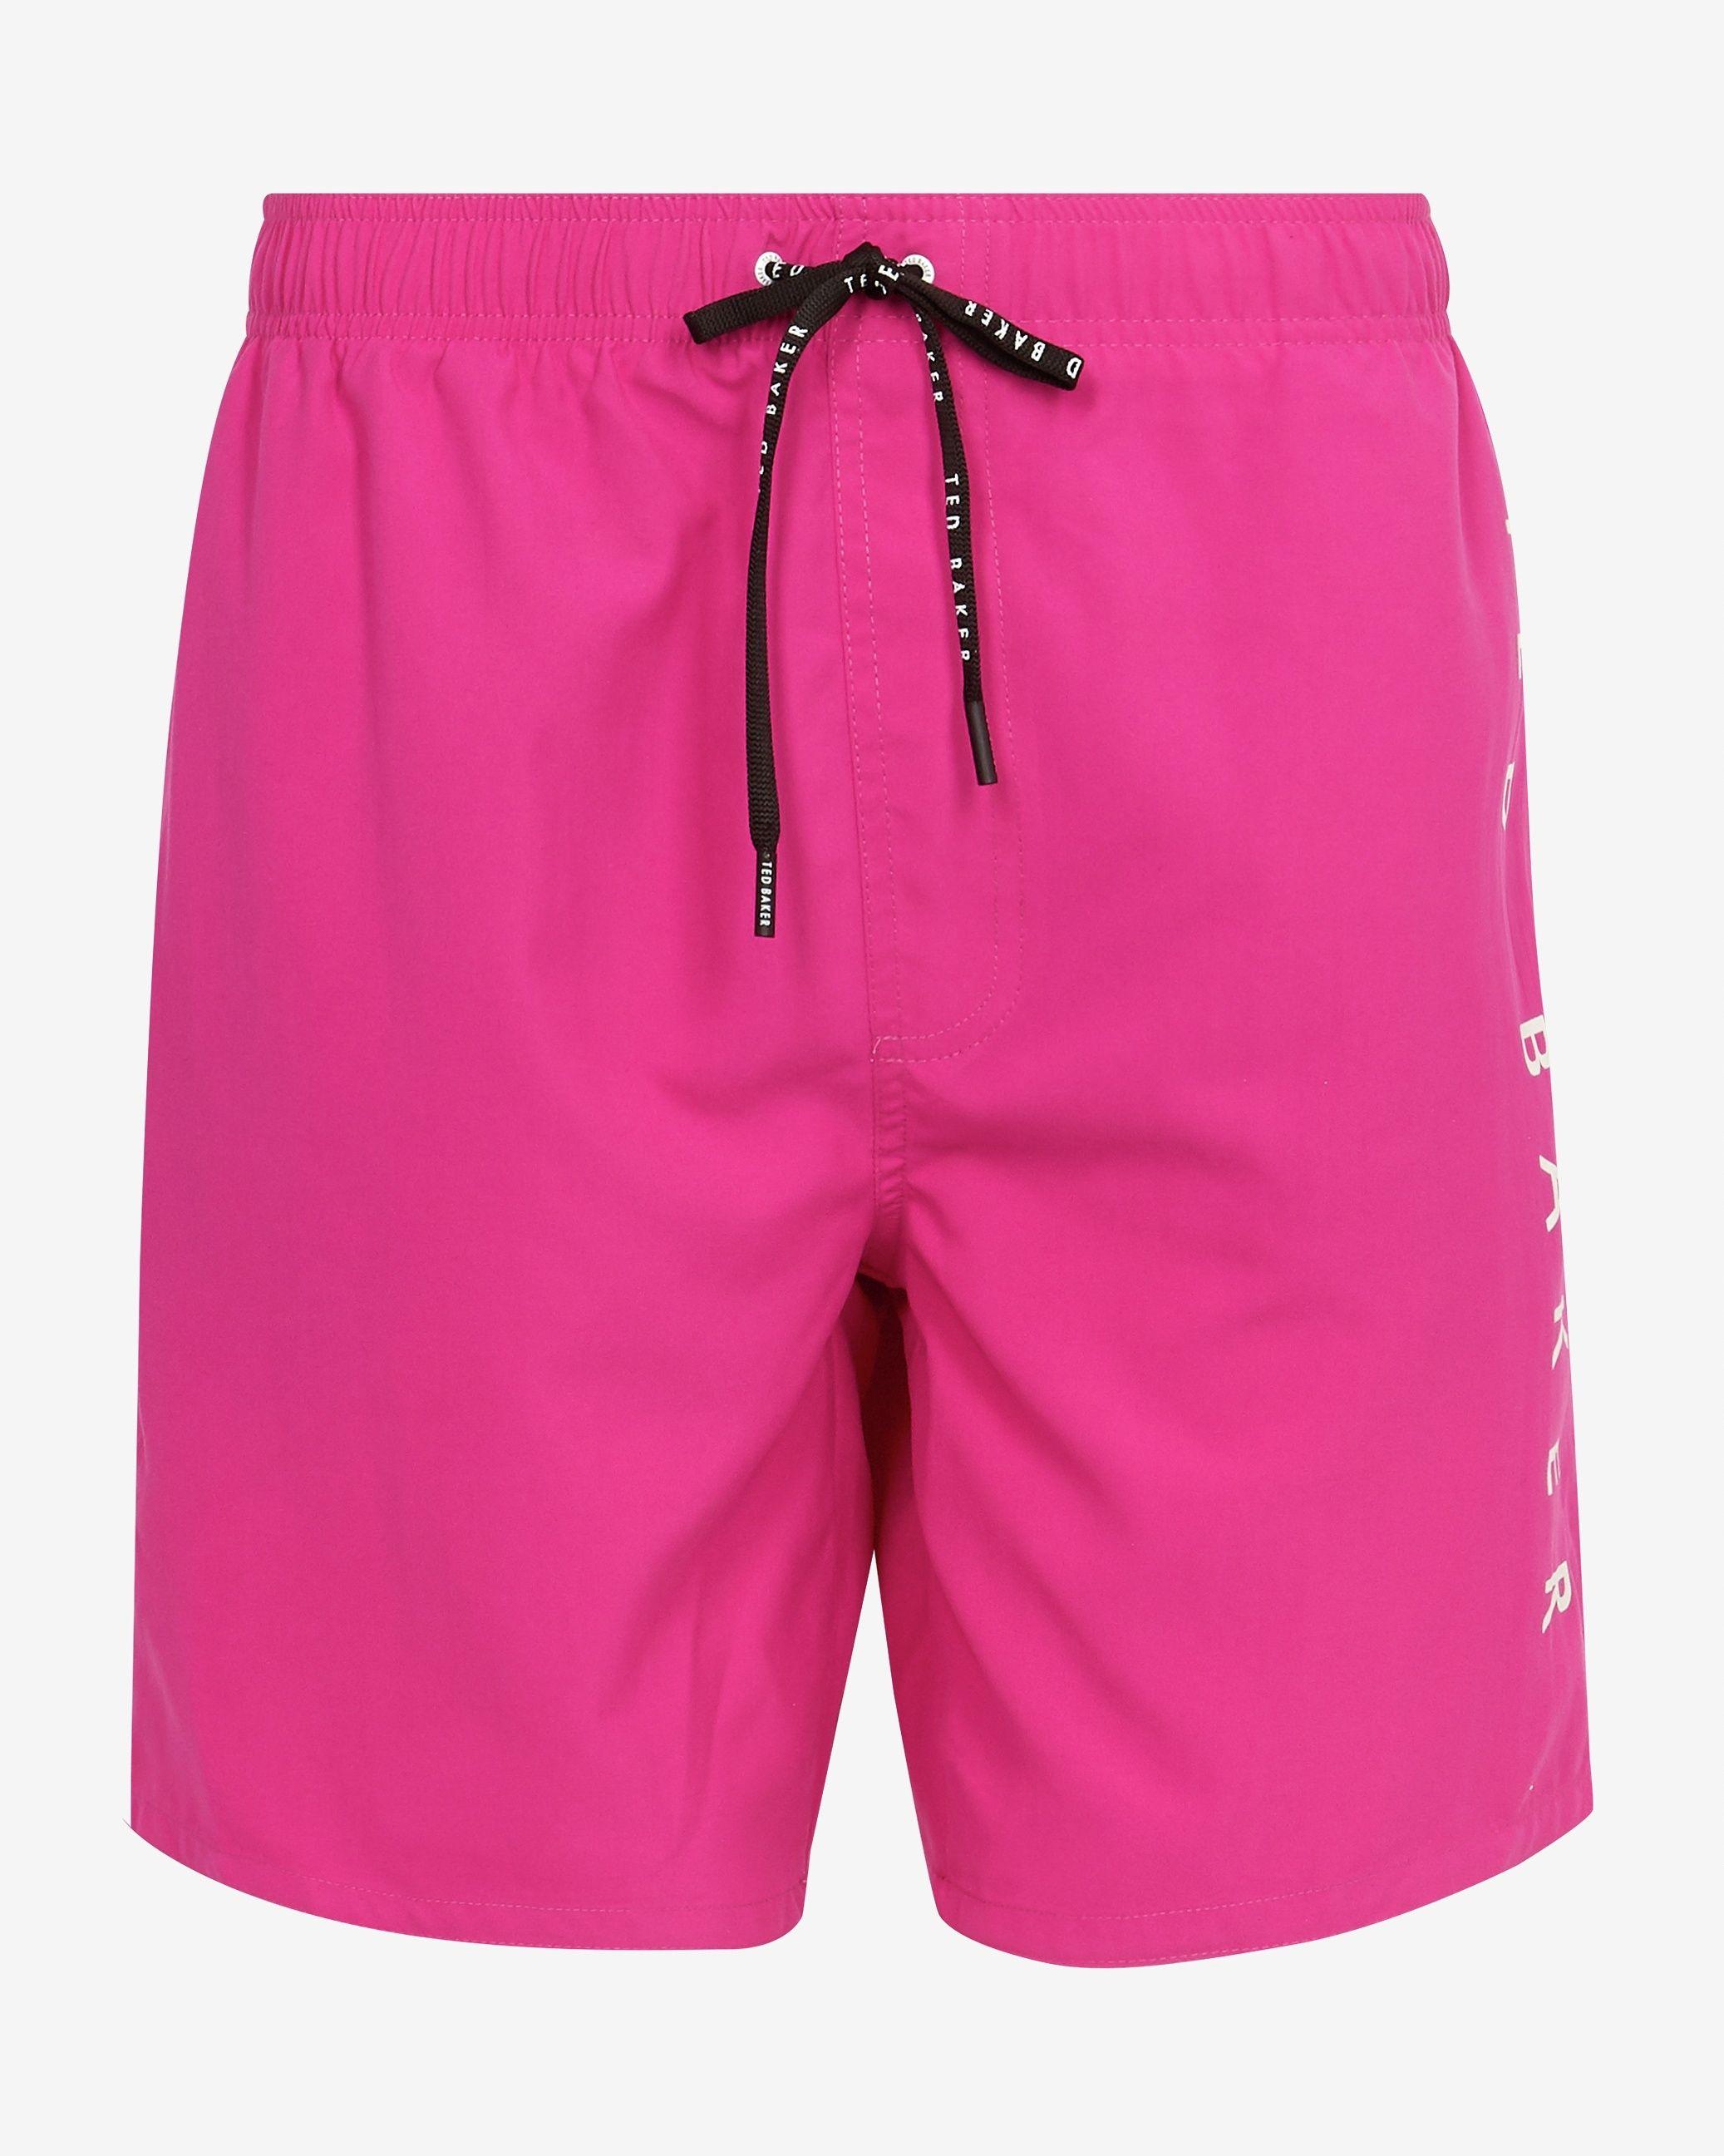 Ted Baker Legman Branded Shorty Swimshort, Pink